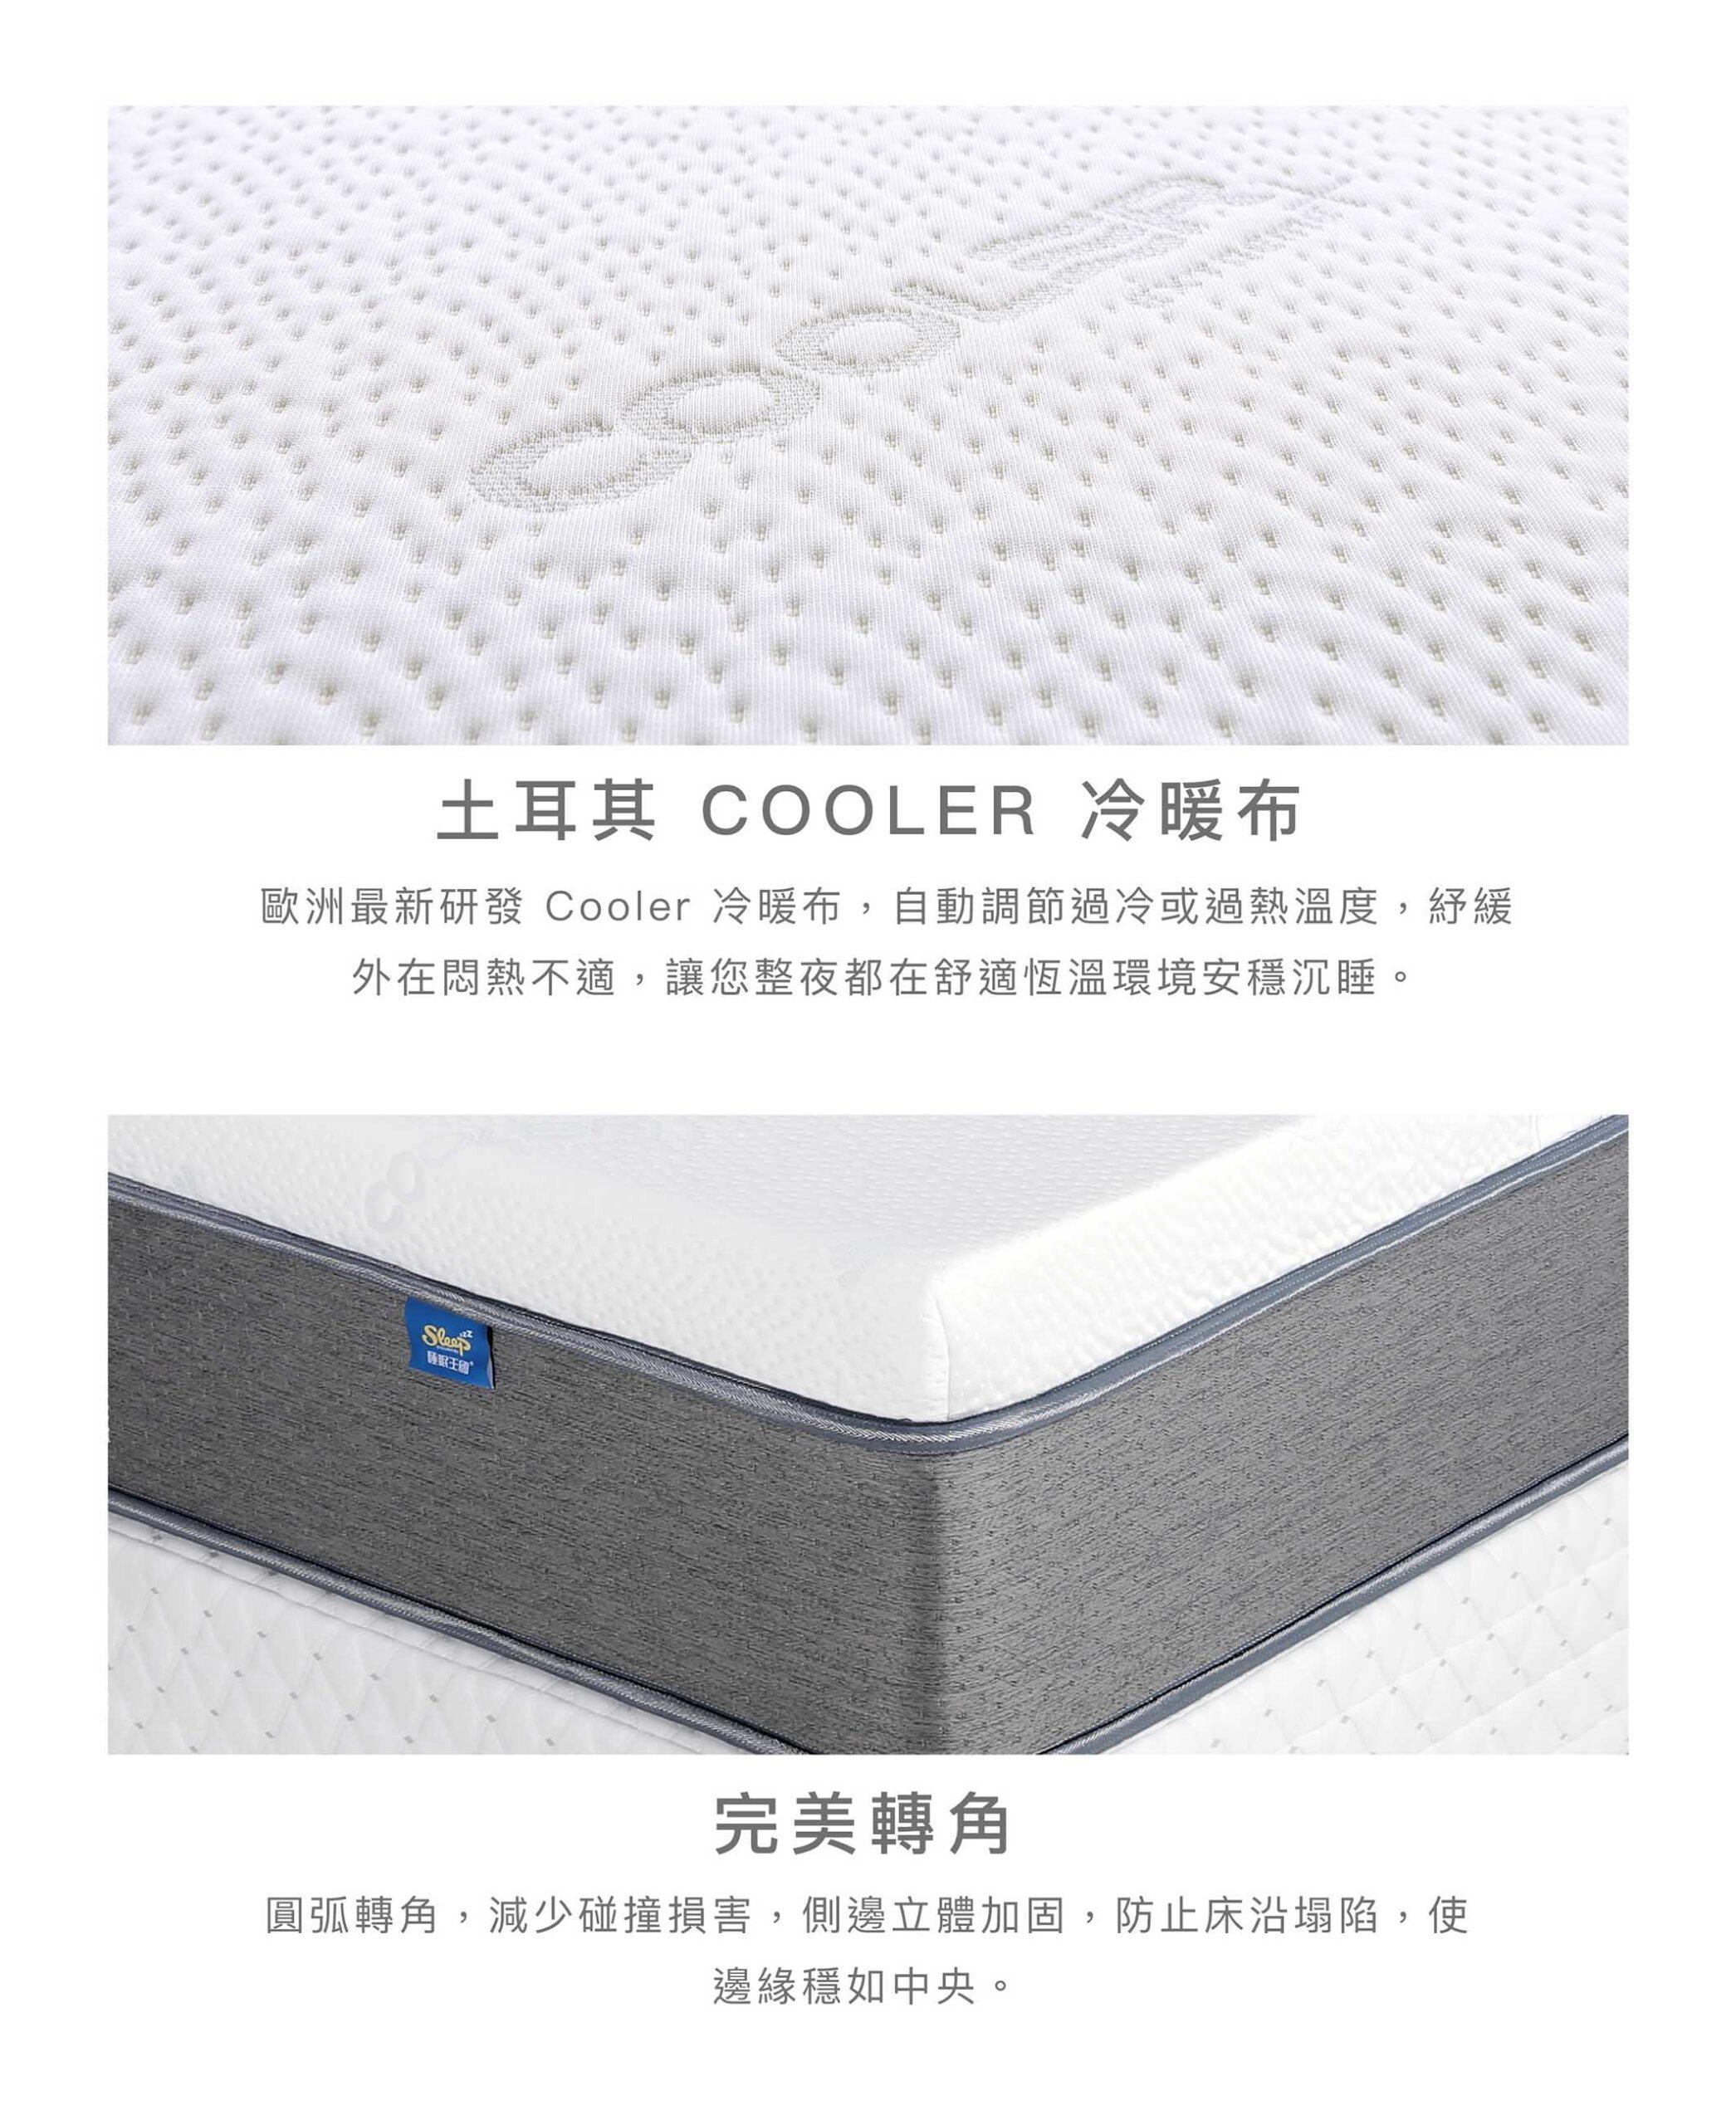 健康床墊mattress|瑞格名床 赫爾曼|睡眠王國集團